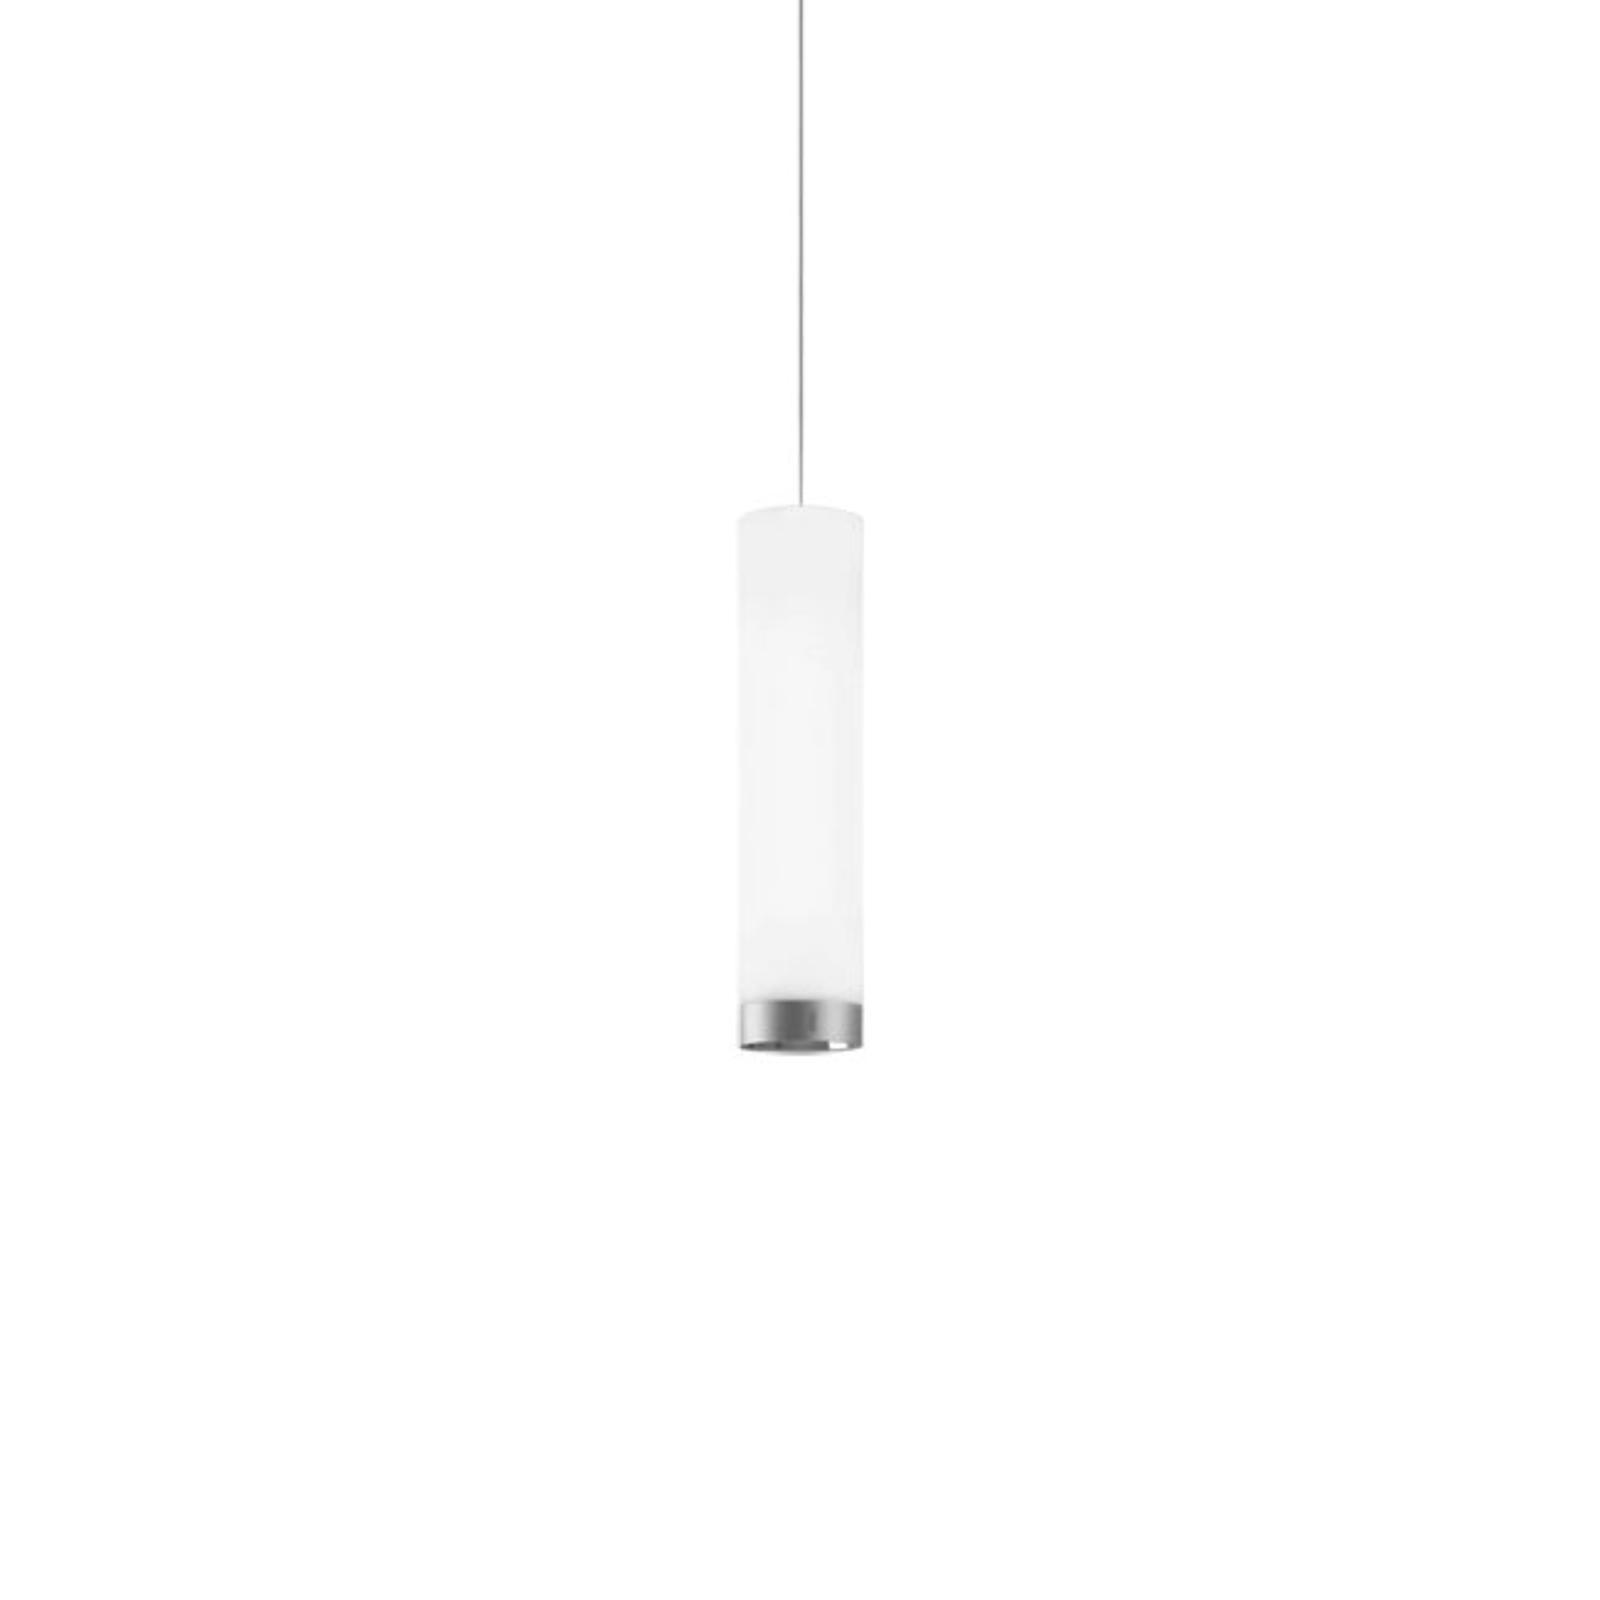 LED-riippuvalaisin A20-P166, 67,5cm, 29 W, 3 000 K